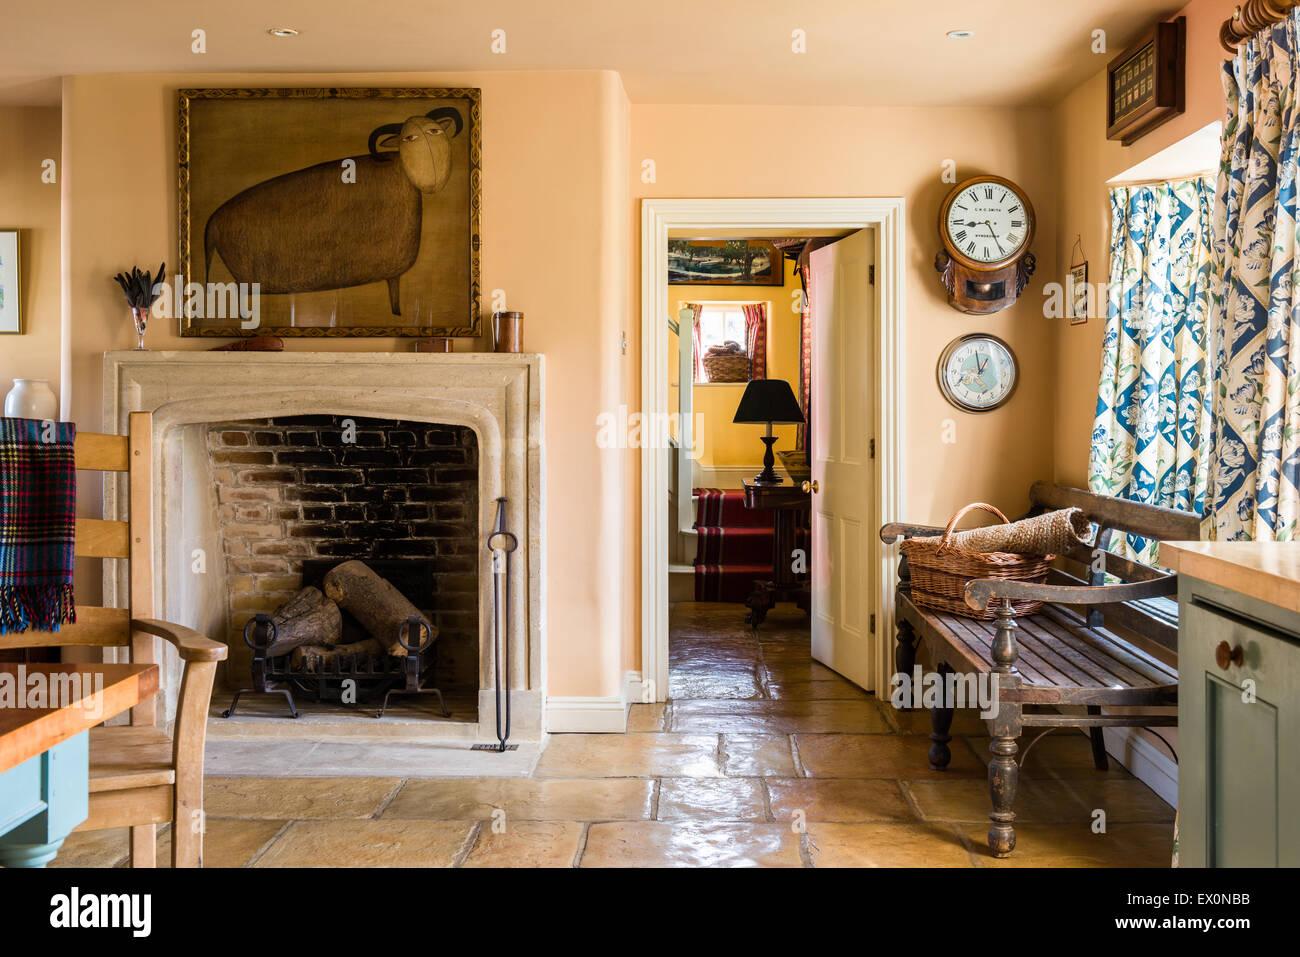 Offener Kamin in der Küche mit Steinplatten Bodenbelag Stockfoto ...